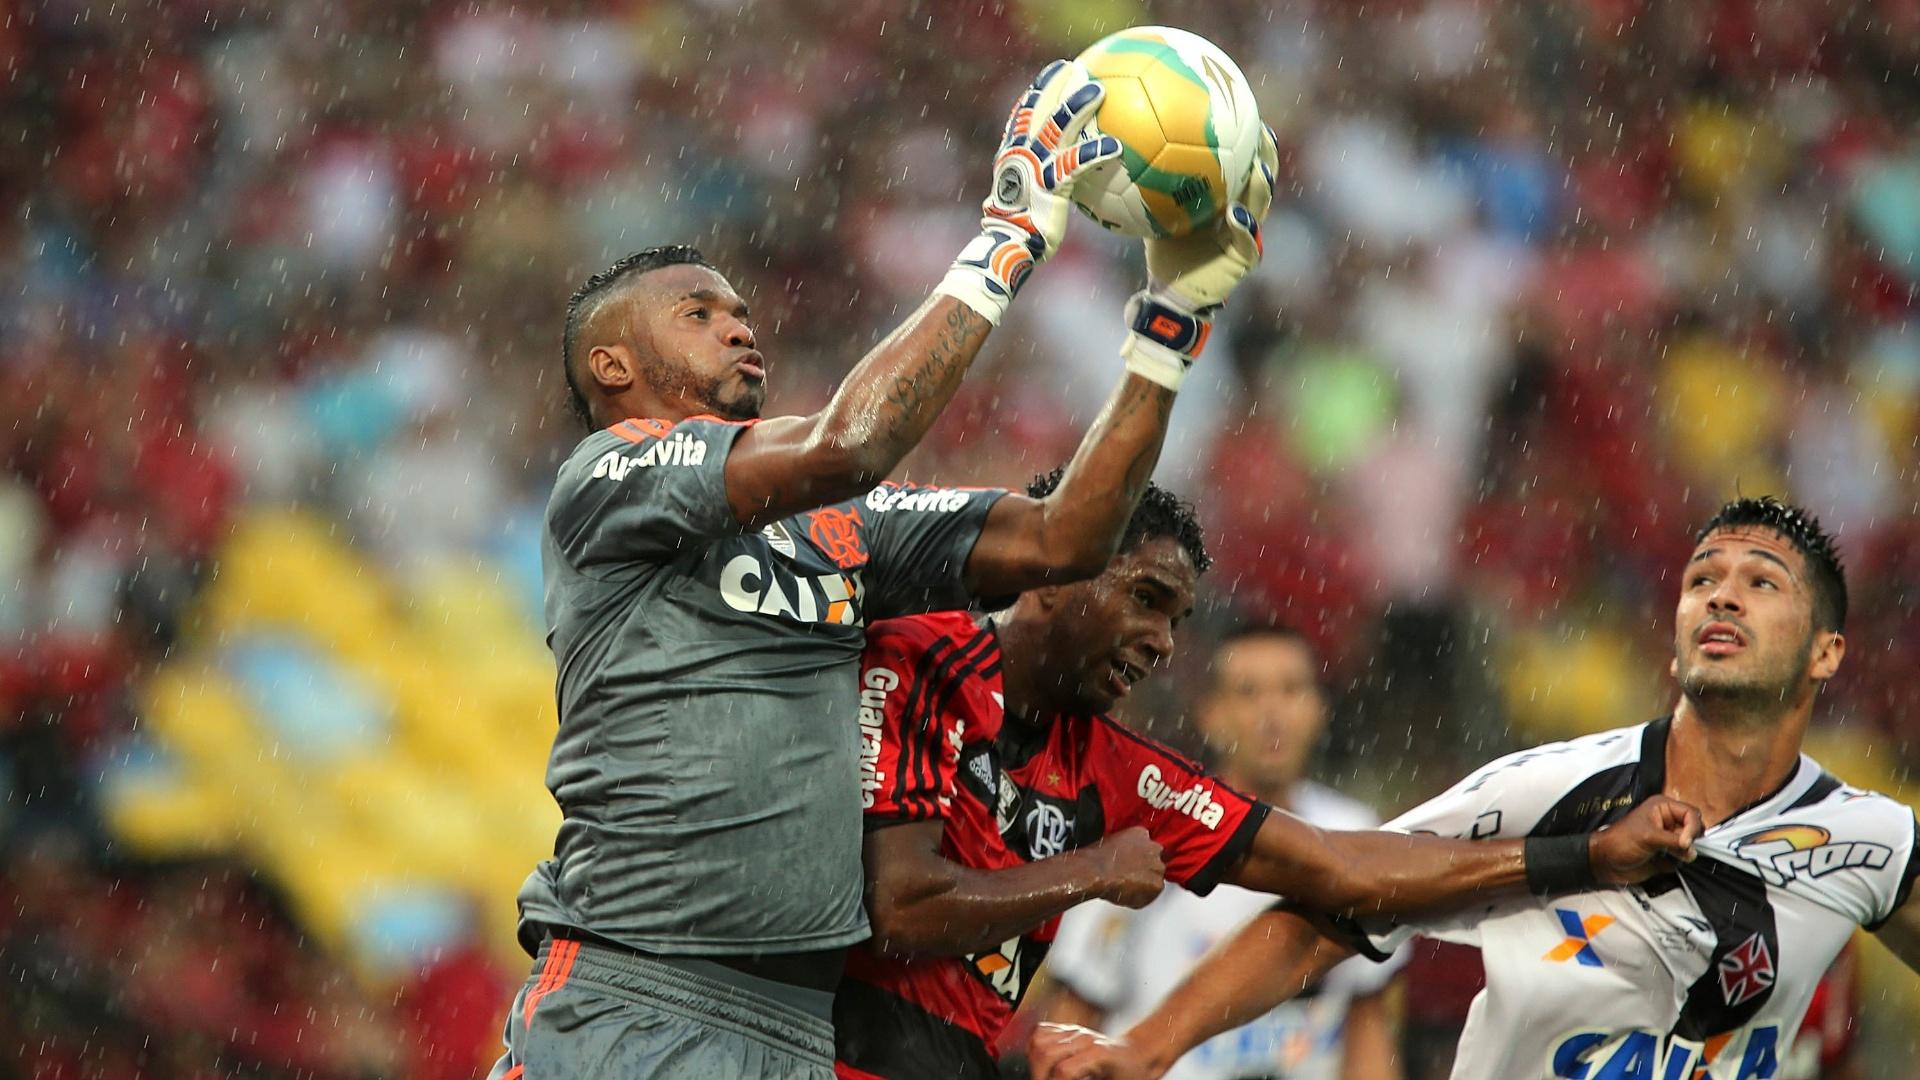 Goleiro Felipe sobe alto para ficar com a bola em tarde chuvosa de final de Carioca